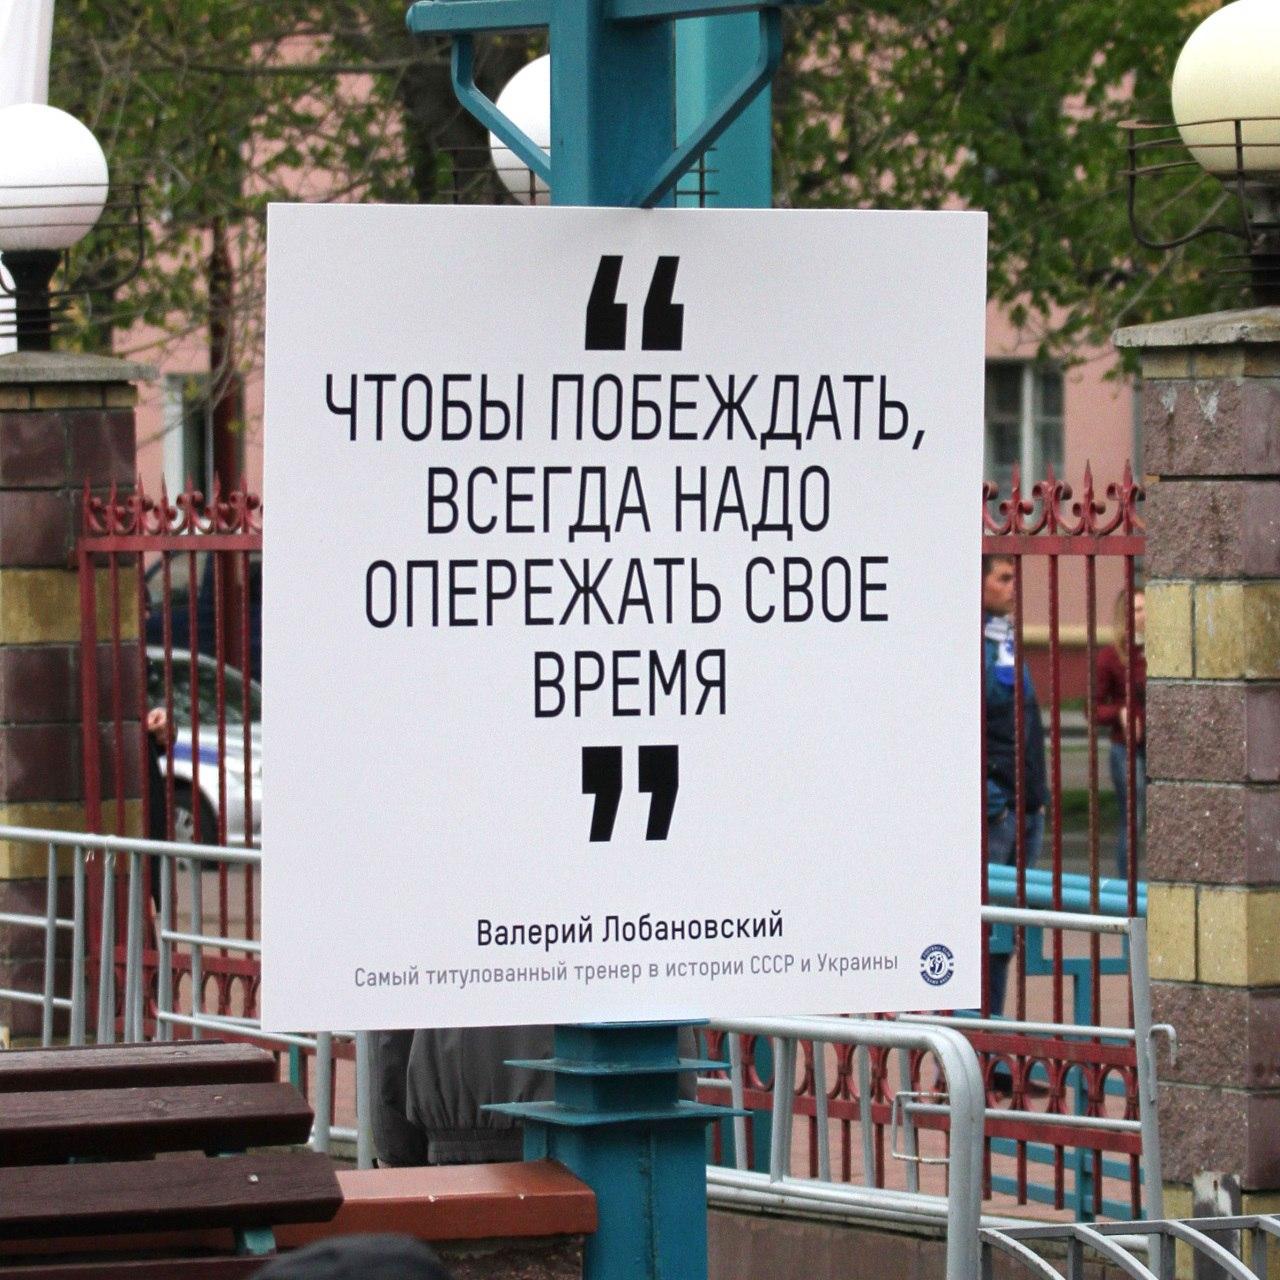 https://s5o.ru/storage/simple/by/edt/10/fc/ec/54/byeae8c3b7e17.jpg